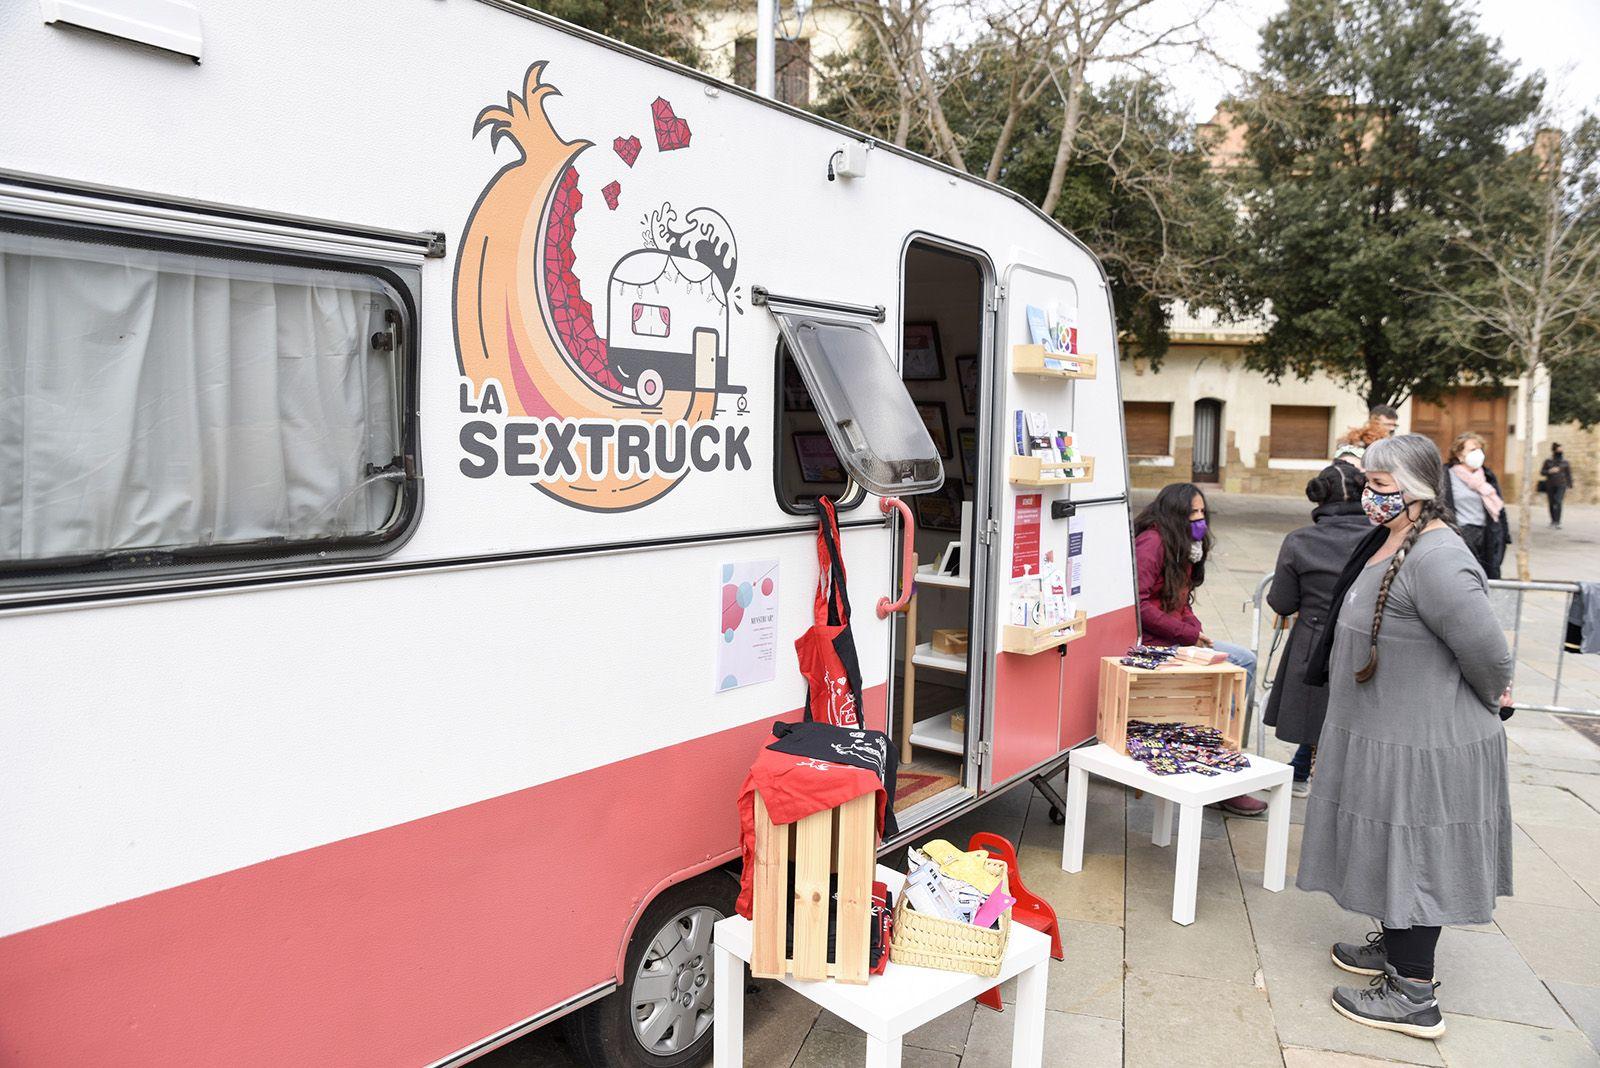 La sextruck caravana pedagogica amb la Churry. Foto Bernat Millet.